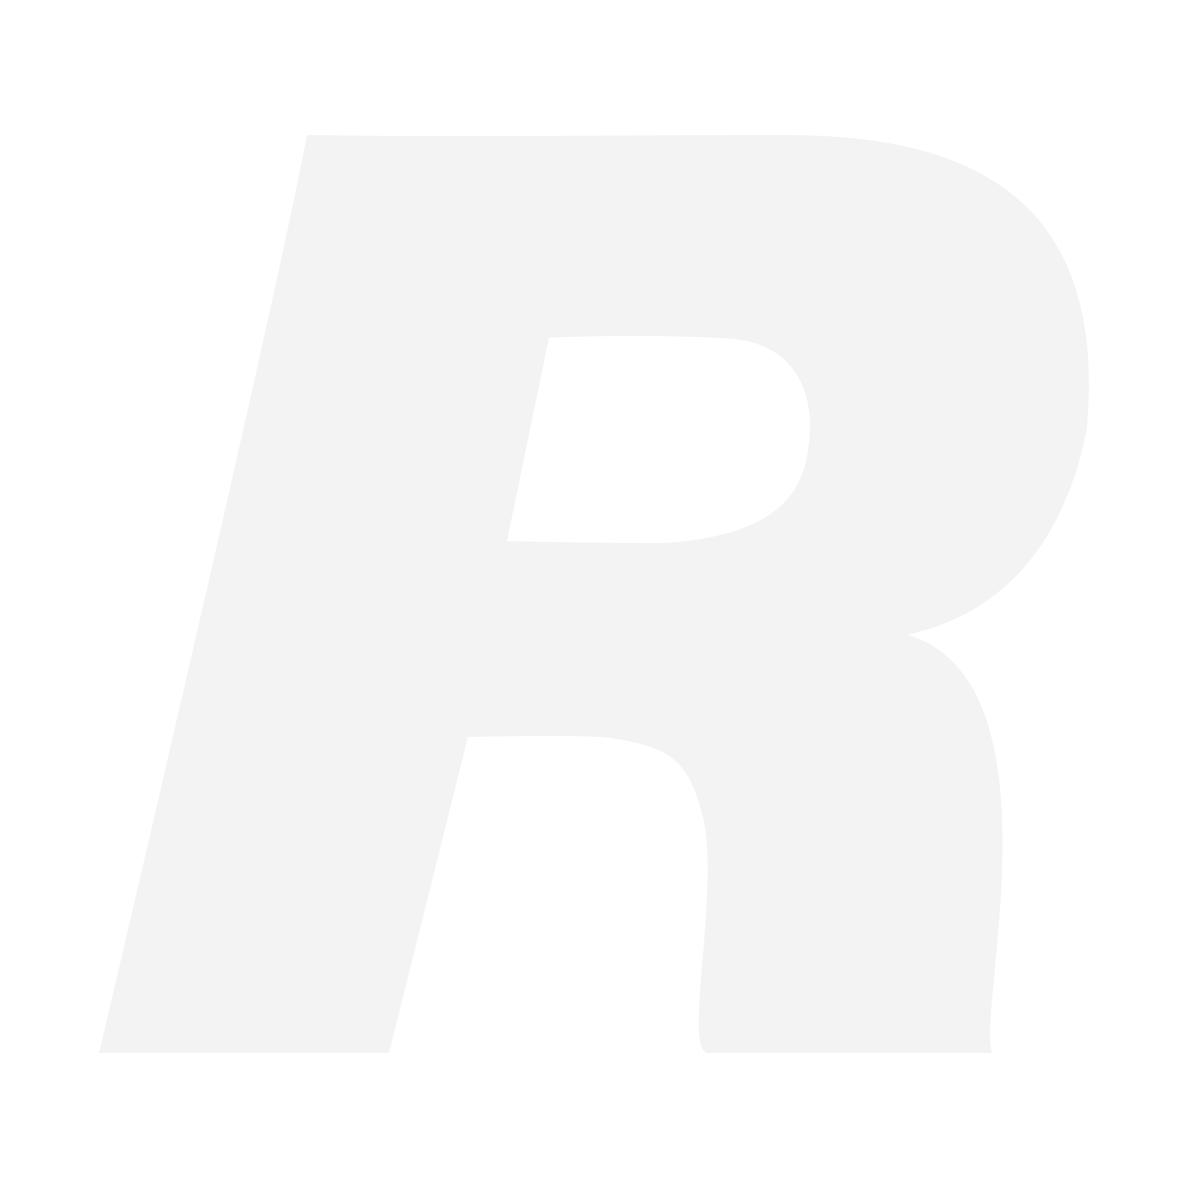 Köp Sony A7R Mark III, byt in din gamla Sony A7S